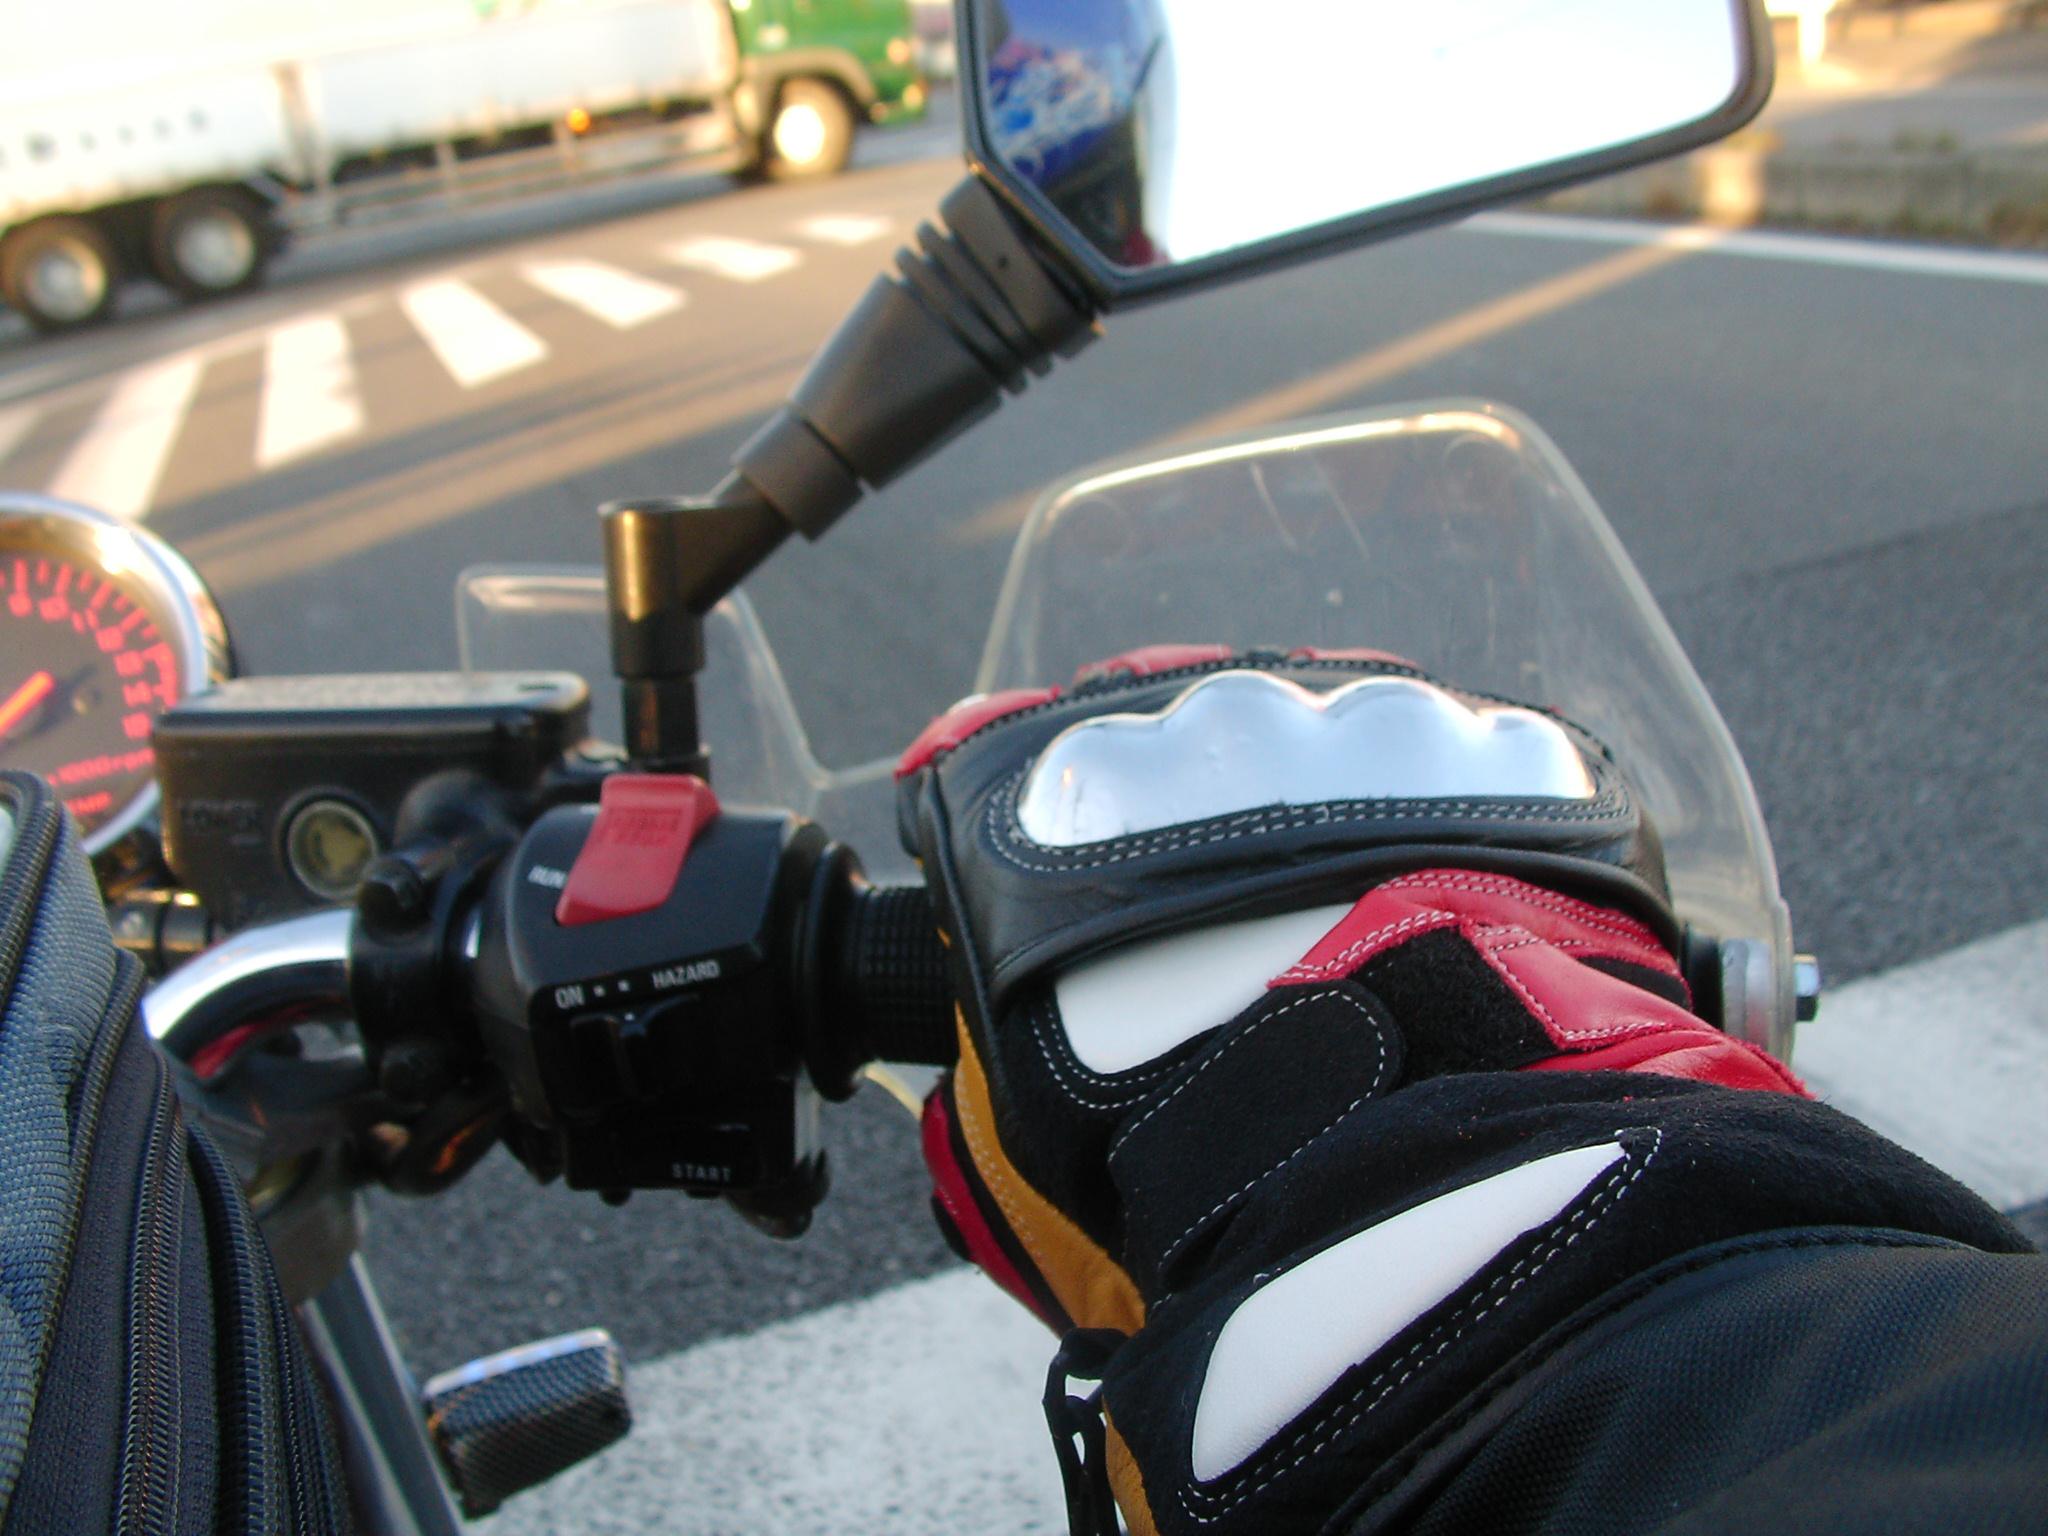 バイク乗り必見!おすすめなライディンググローブいろいろ♪のサムネイル画像